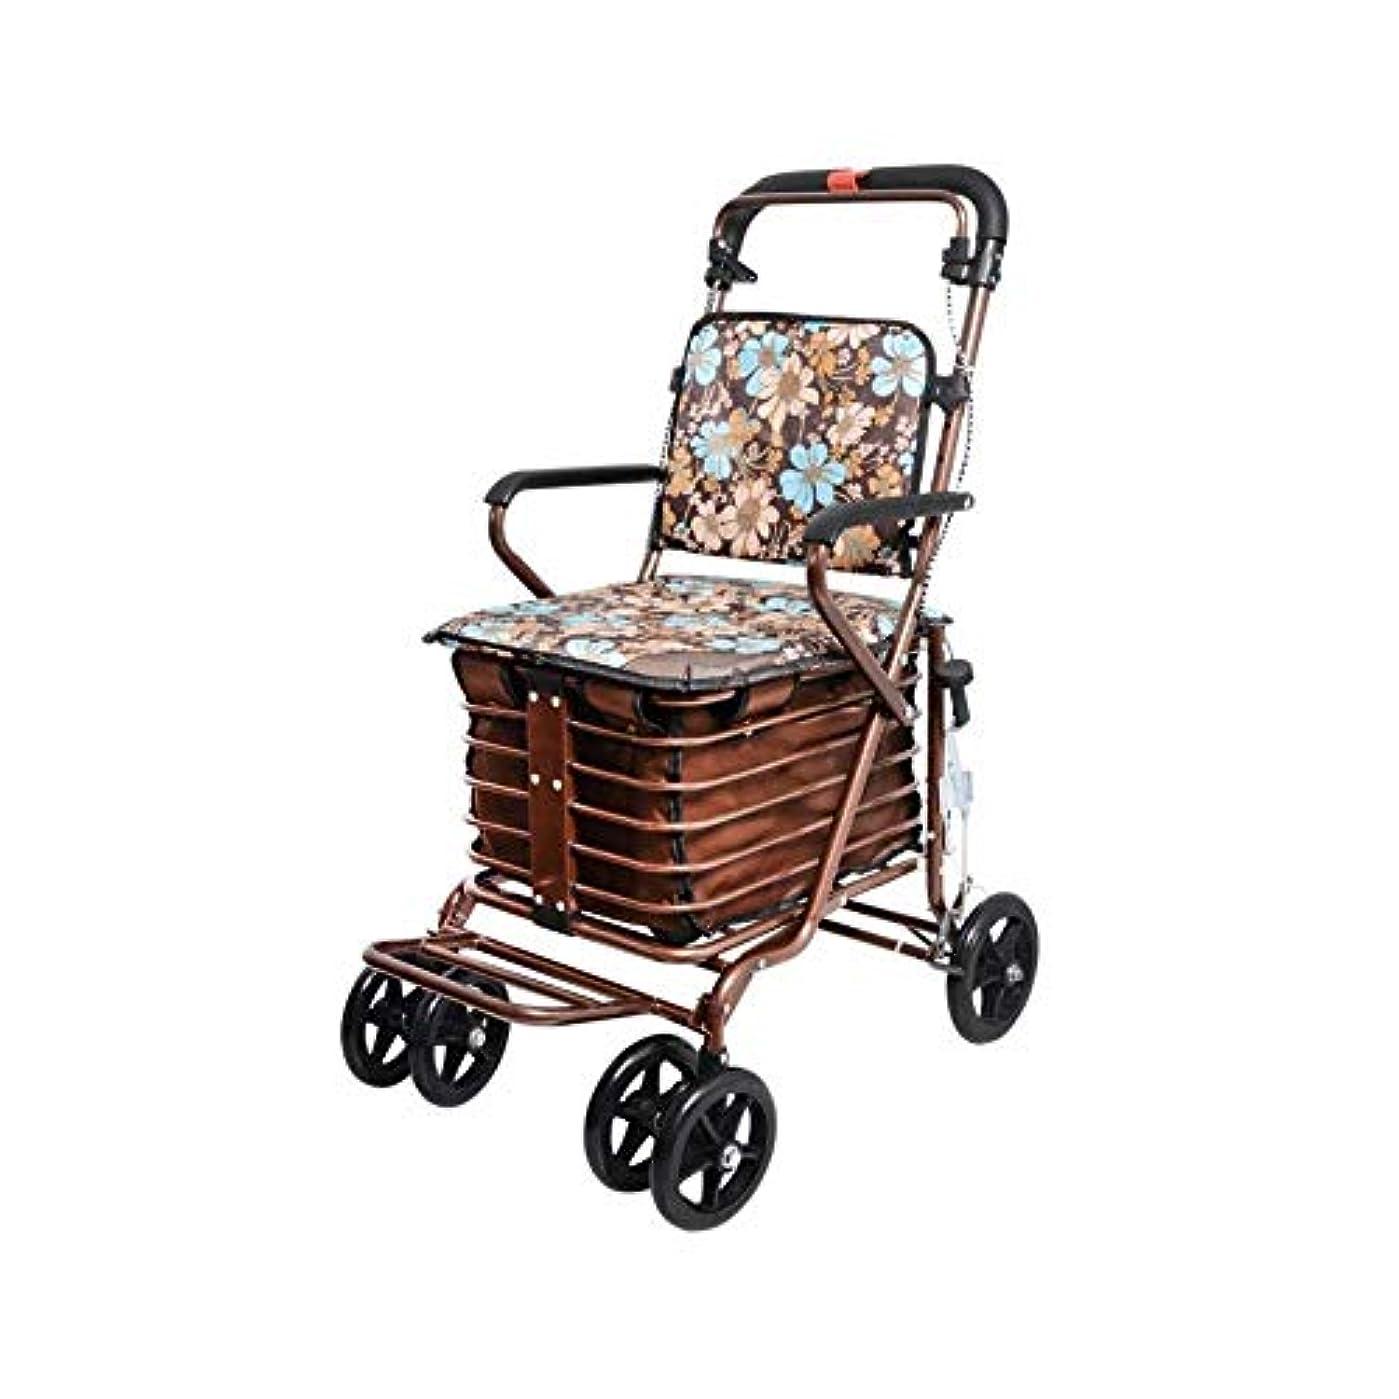 軽量の高齢者の歩行者、折る携帯用歩行器の補助歩行者の4つの車輪のショッピングカートハンドブレーキが付いている頑丈な歩行者 (Color : Color1)